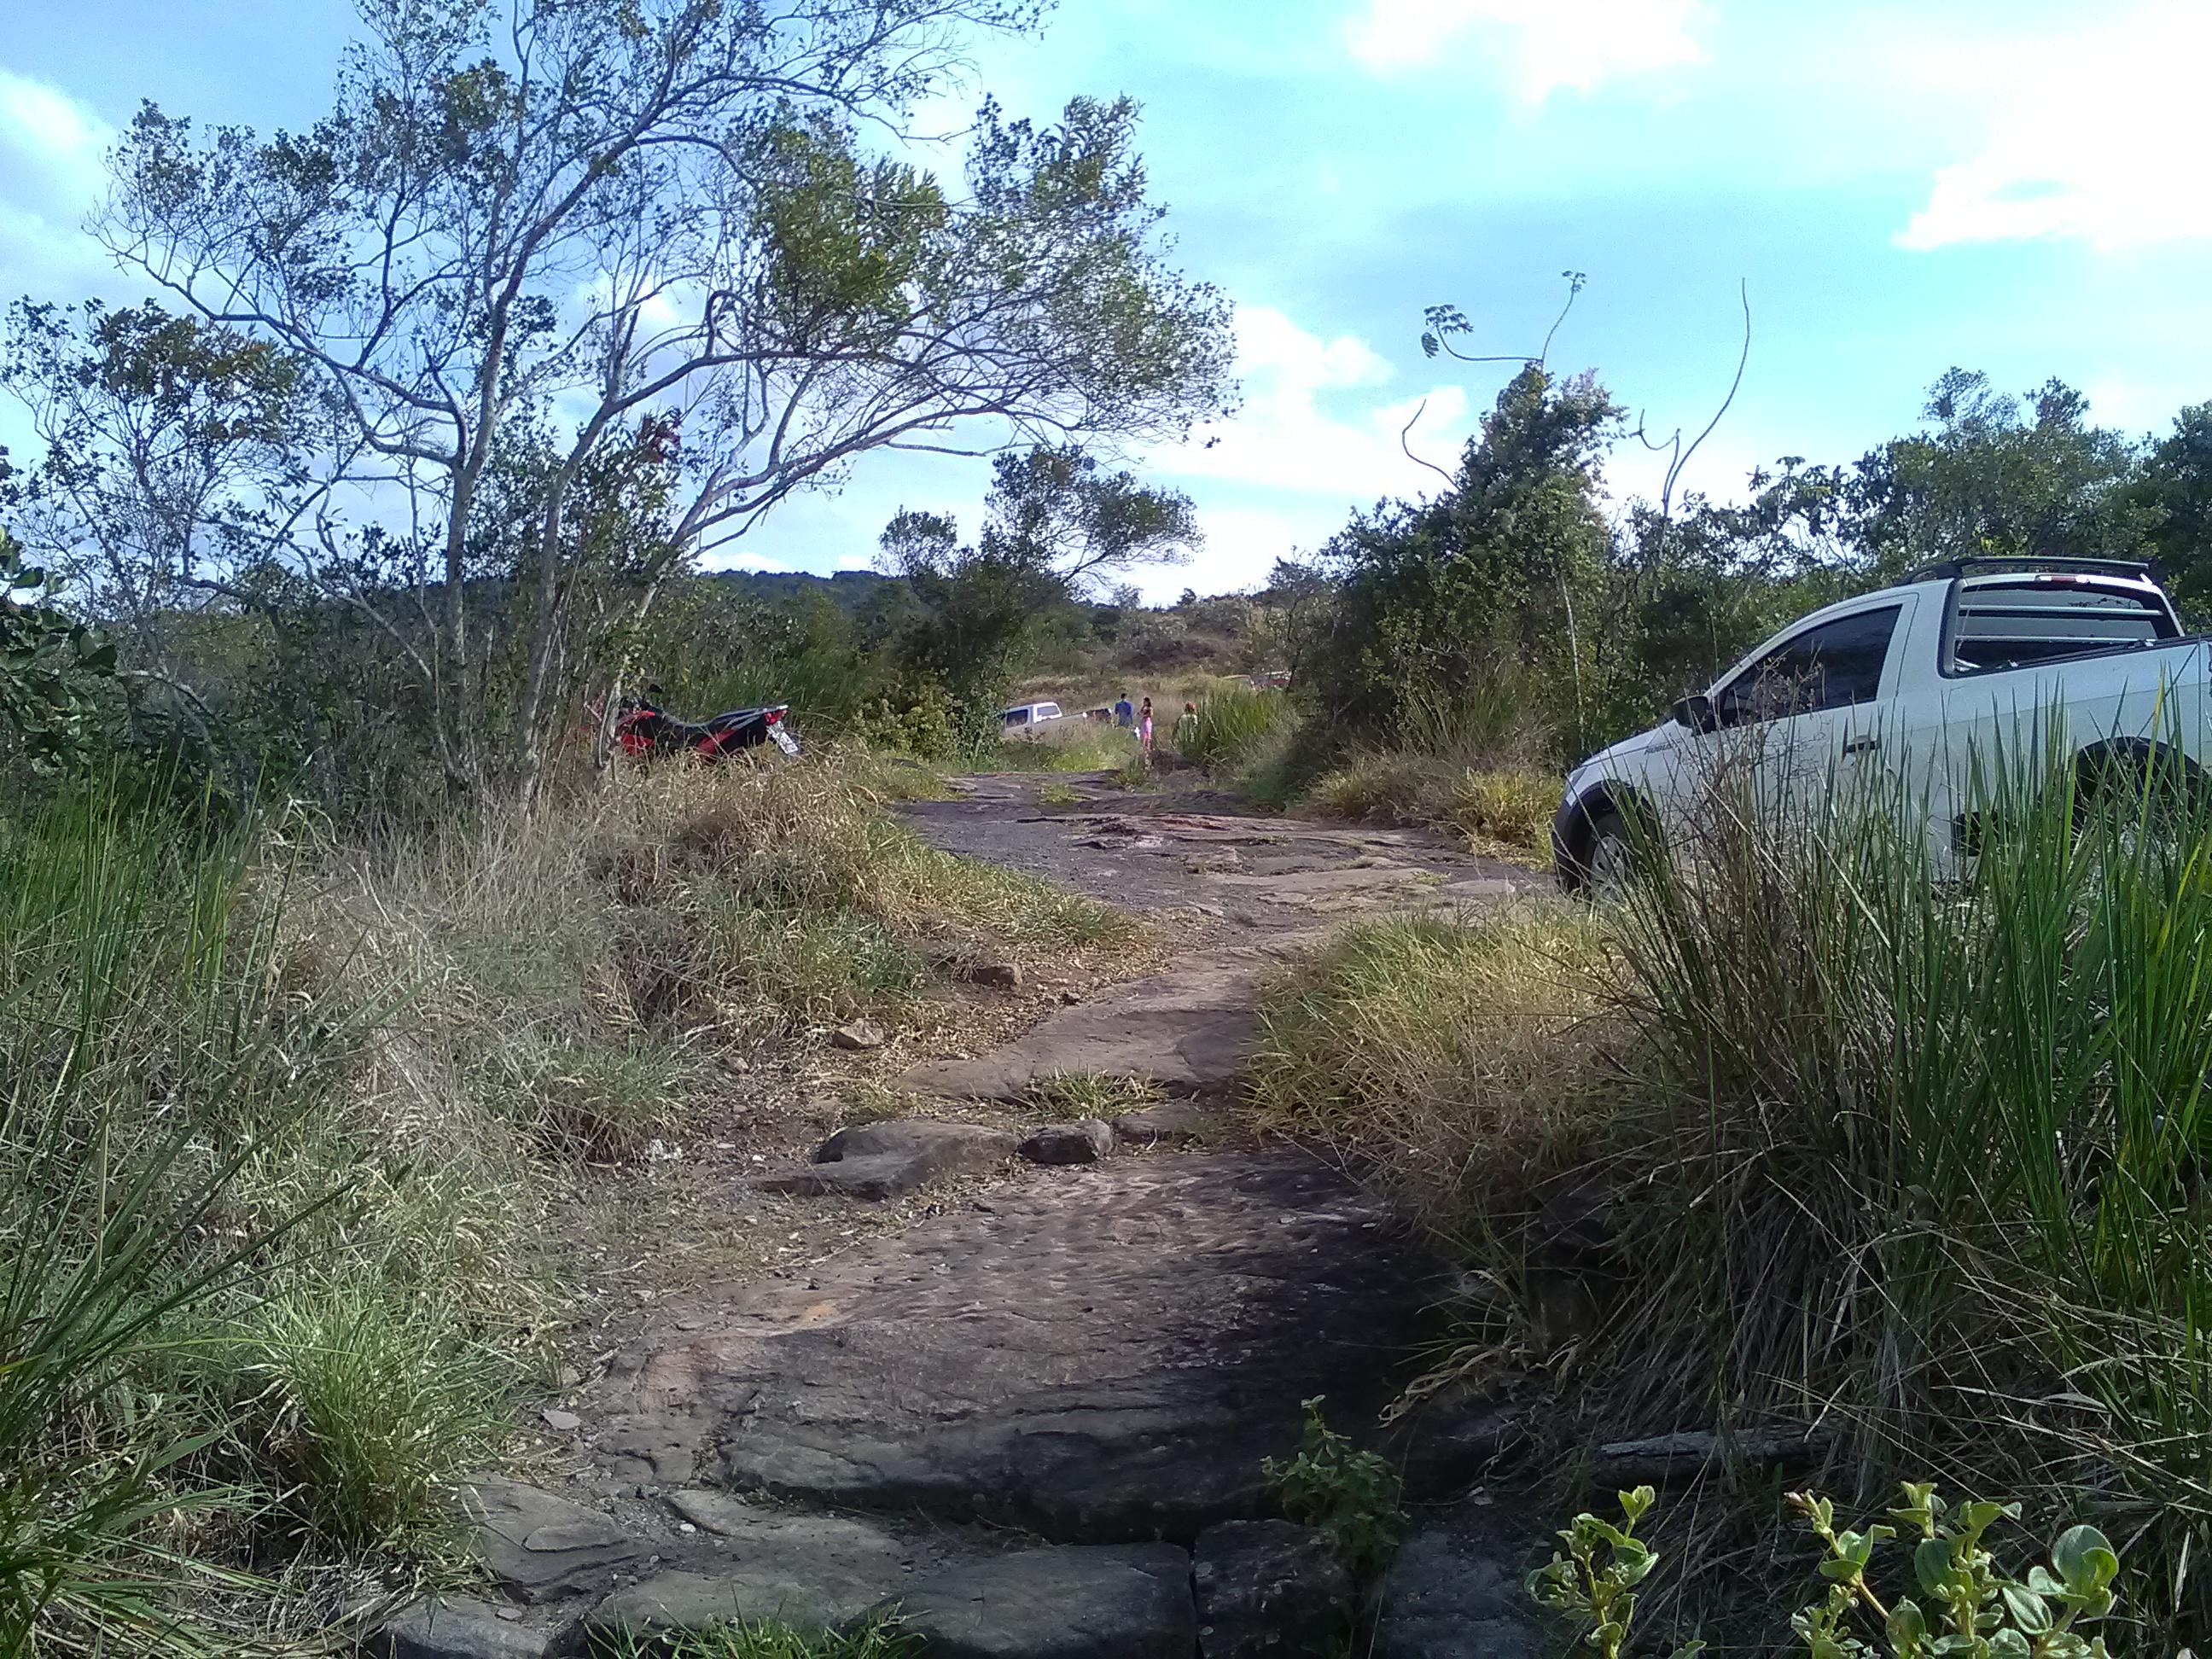 Fotos-uit-de-regio-van-Ibitiara-en-Seabra-aan-de-grote-BR-242-130